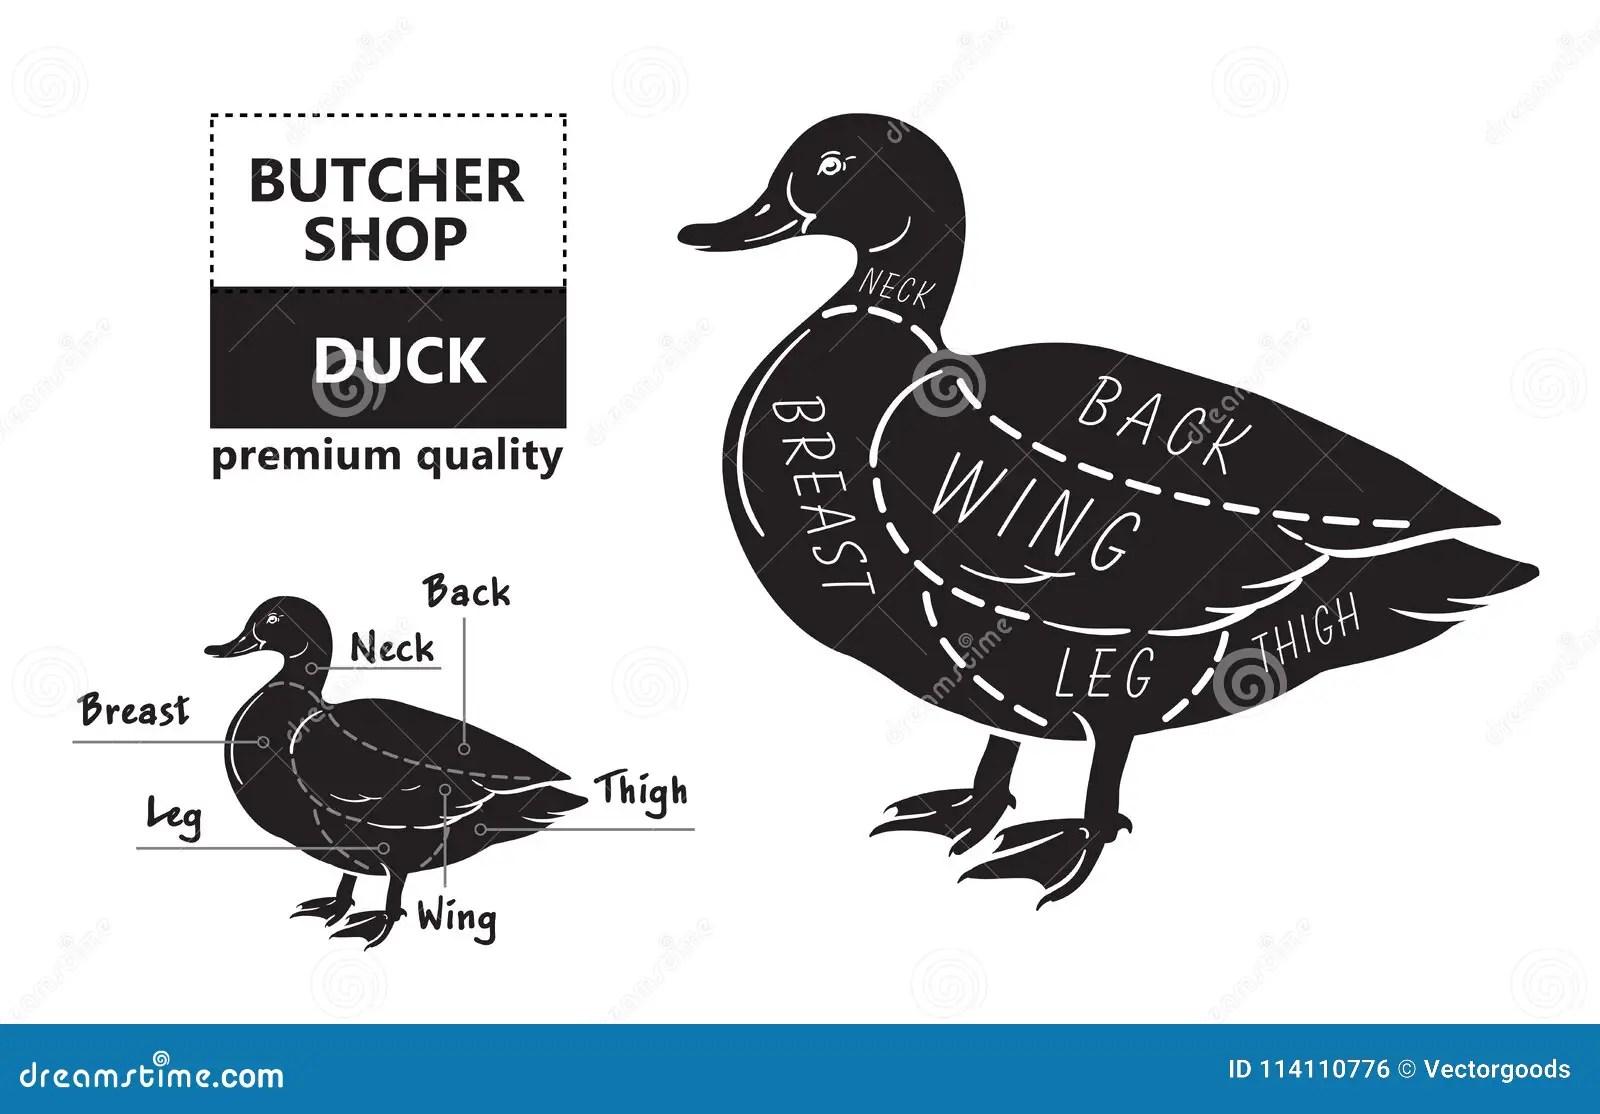 Typographic Duck Butcher Cuts Diagram Scheme Stock Vector